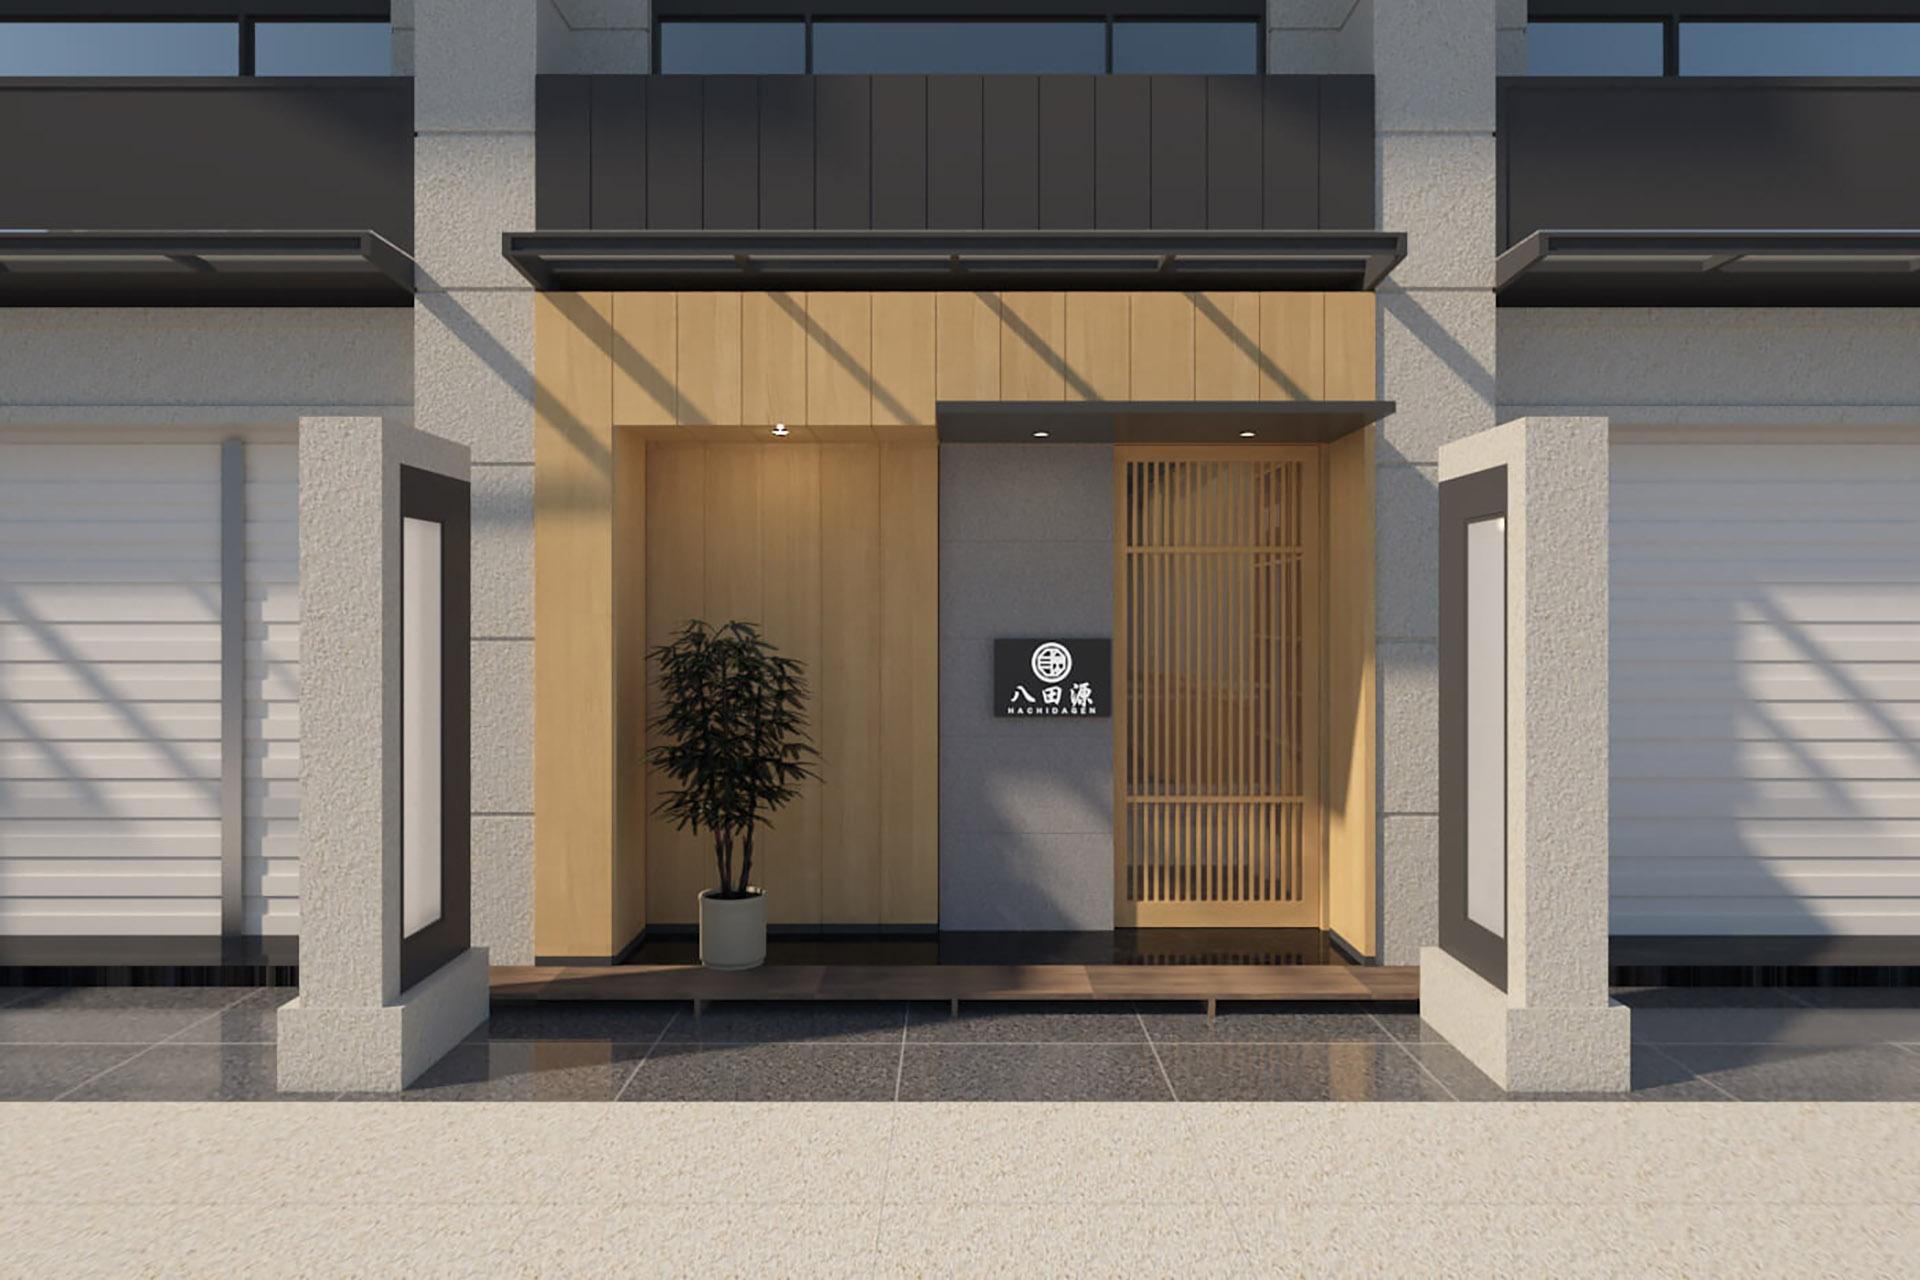 商空設計,餐廳設計,甜點店設計,手工甜點店設計,室內設計,法式甜點空間設計,網美餐廳,網紅推薦,日本料理空間設計,日式餐廳設計